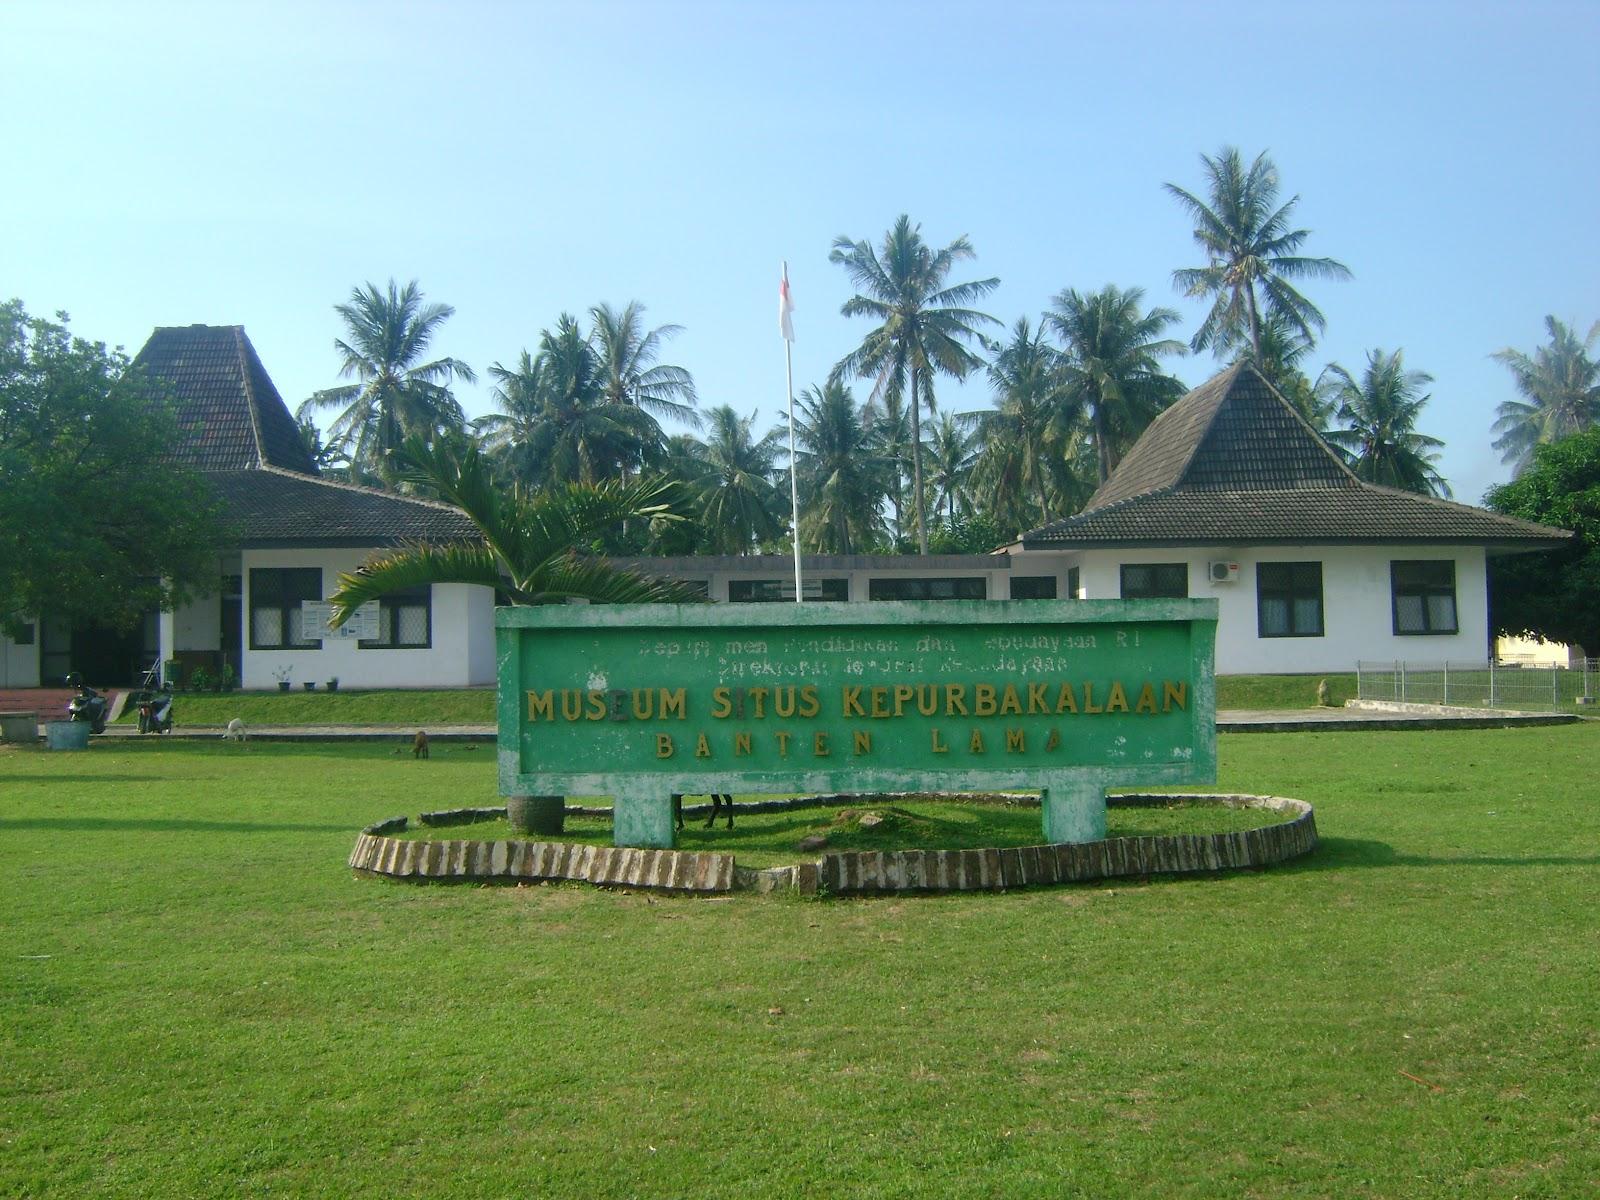 Museum Situs Kepurbakalaan Banten Kekunaan Penelitian Pelestarian Dinikmati Masyarakat Luas